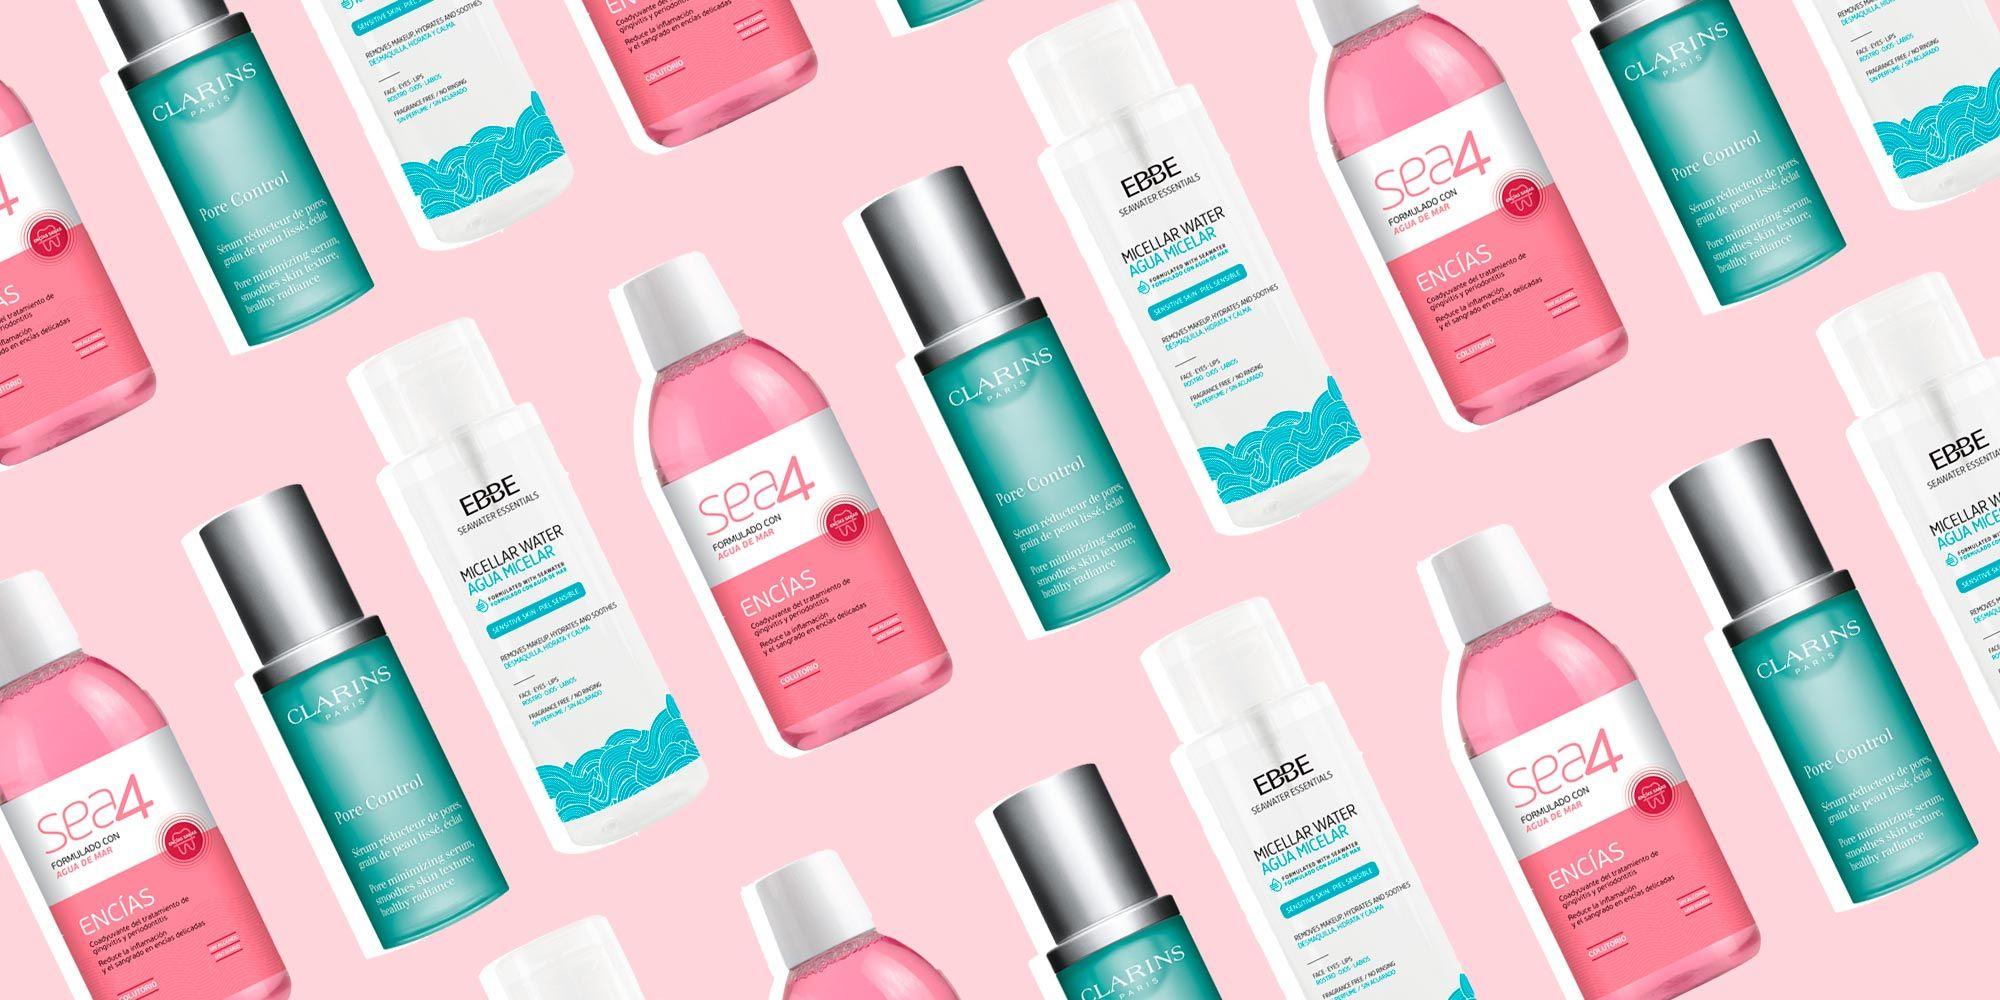 Los 17 productos de belleza a los que la redacción de ELLE.es se ha enganchado en agosto